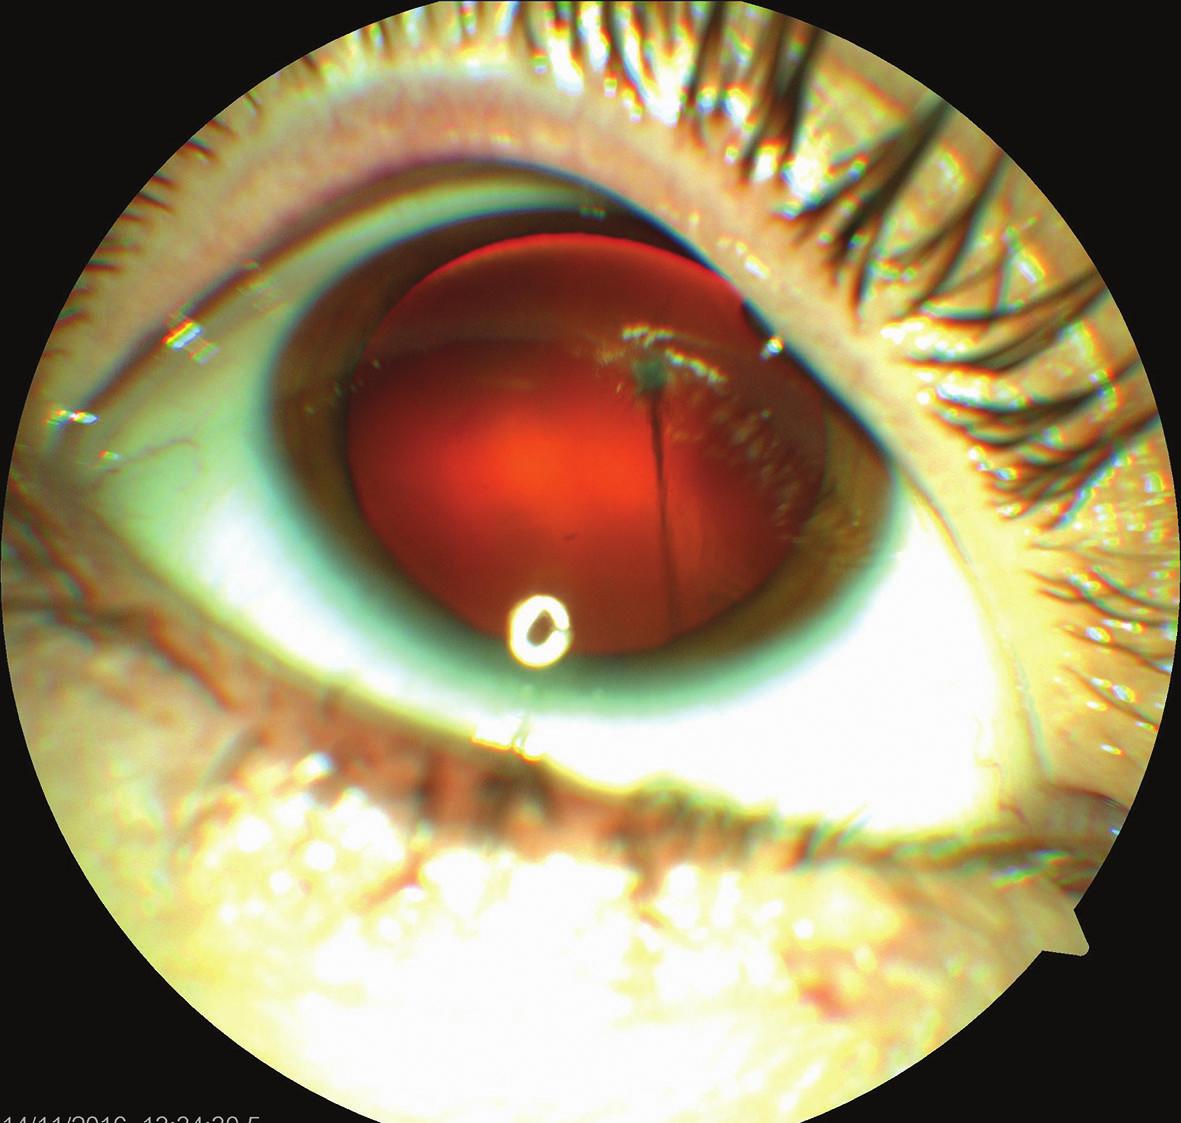 Barevný fotografický snímek předního segmentu pravého oka: perzistující arteria hyaloidea upínající se k zadní části pouzdra nitrooční čočky